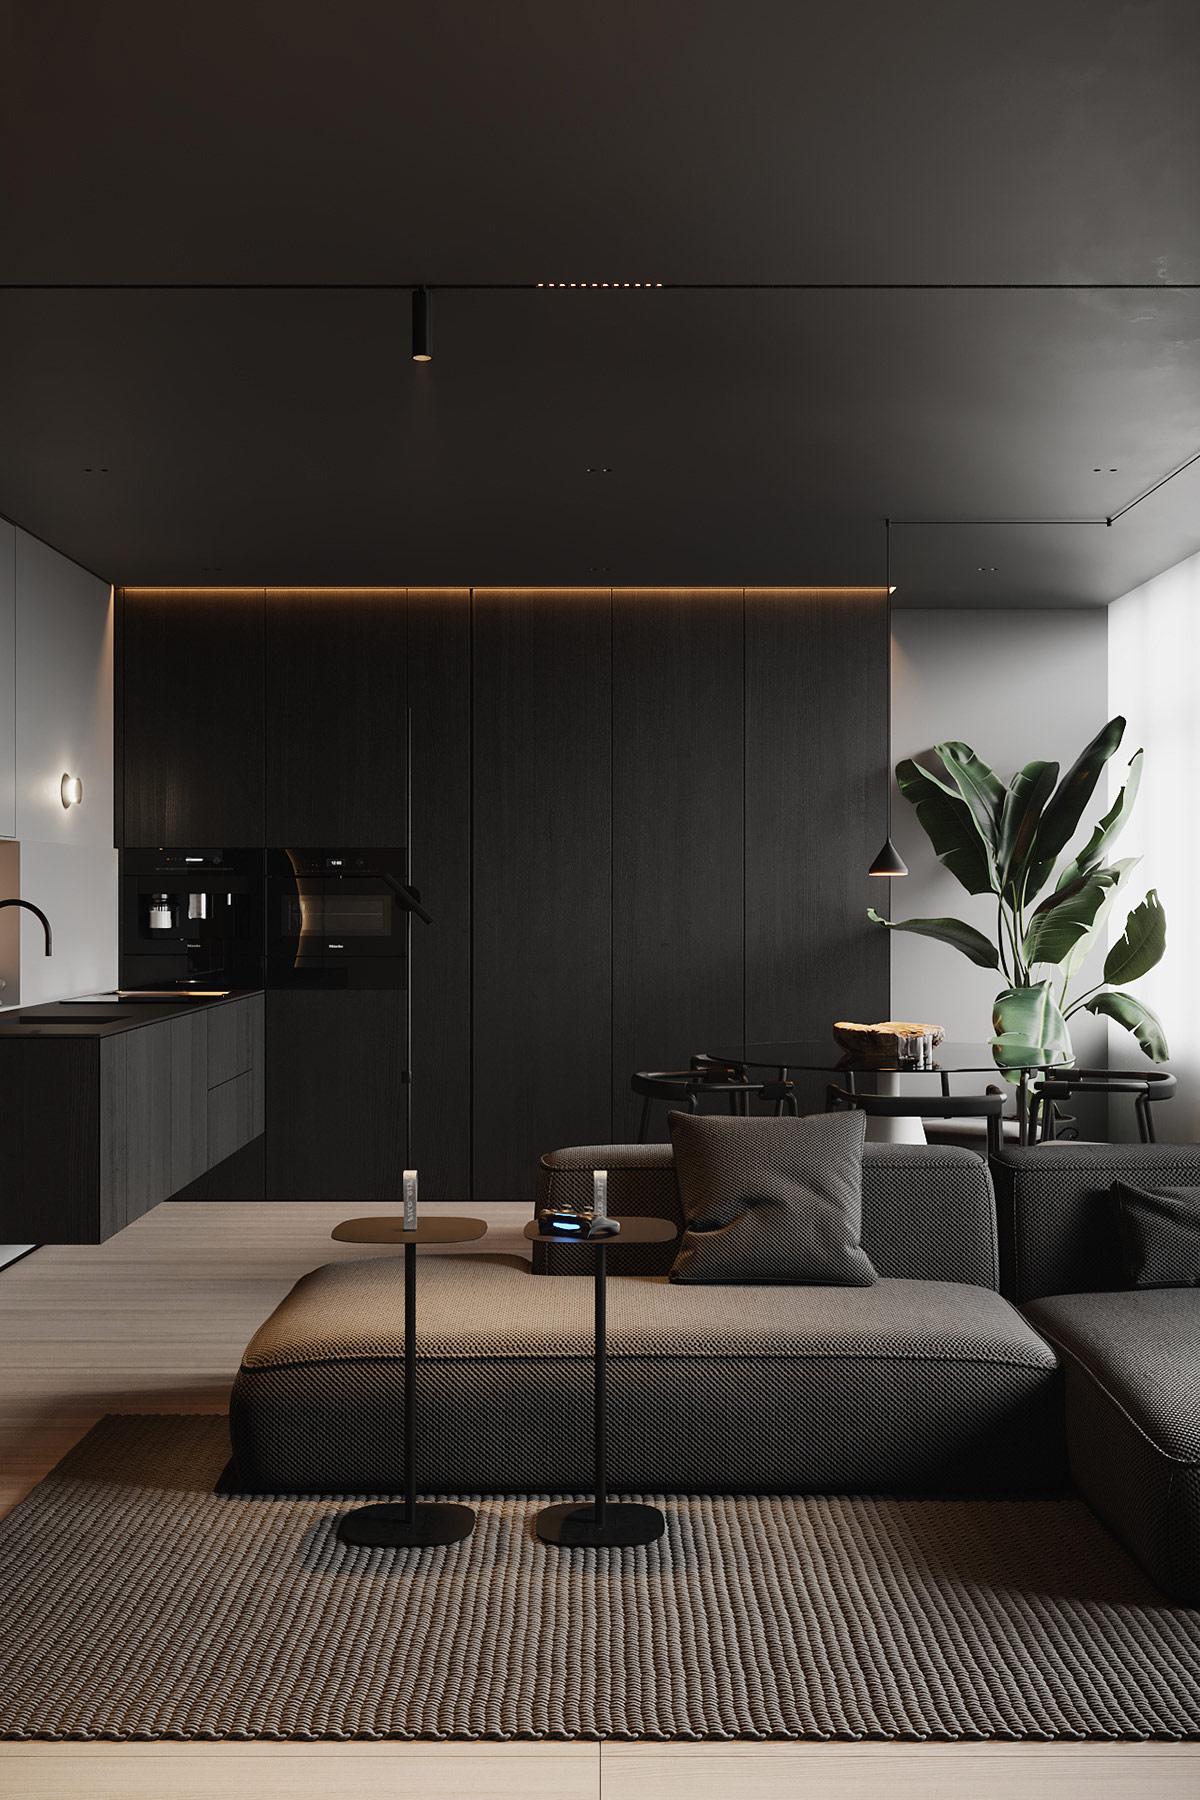 Hai chiếc bàn đứng trở thành điểm nhấn màu đen lên tấm thảm màu xám